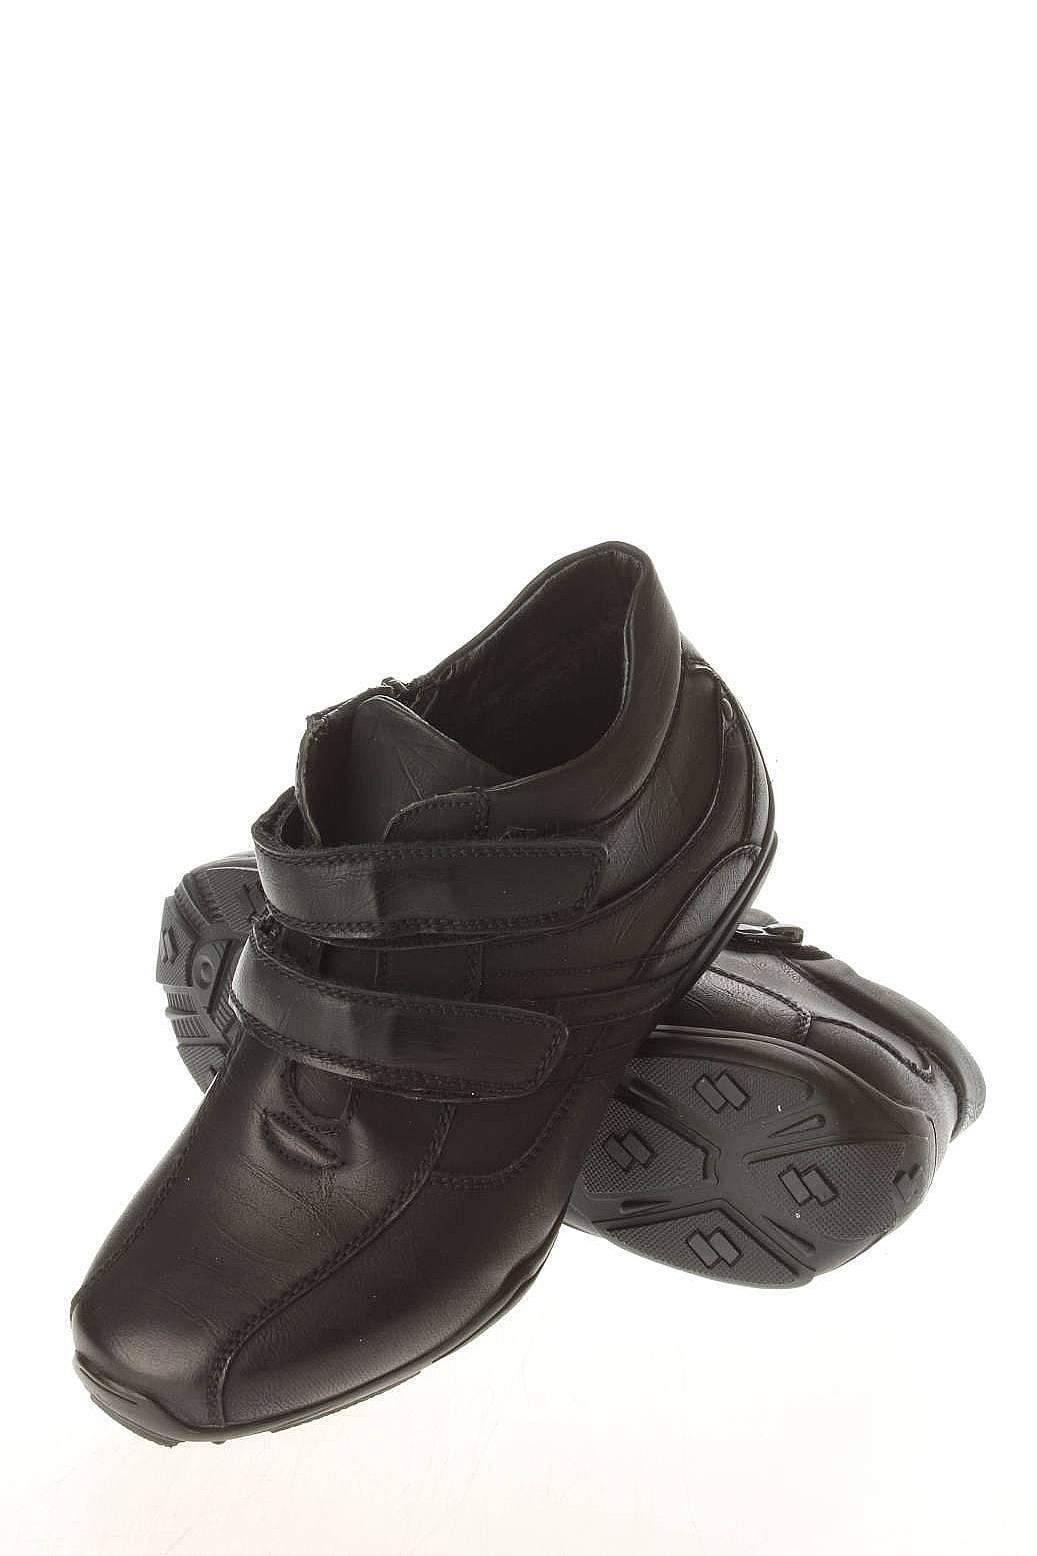 Мужская Обувь Детская Обувь Ботинки: KENKA Обувь